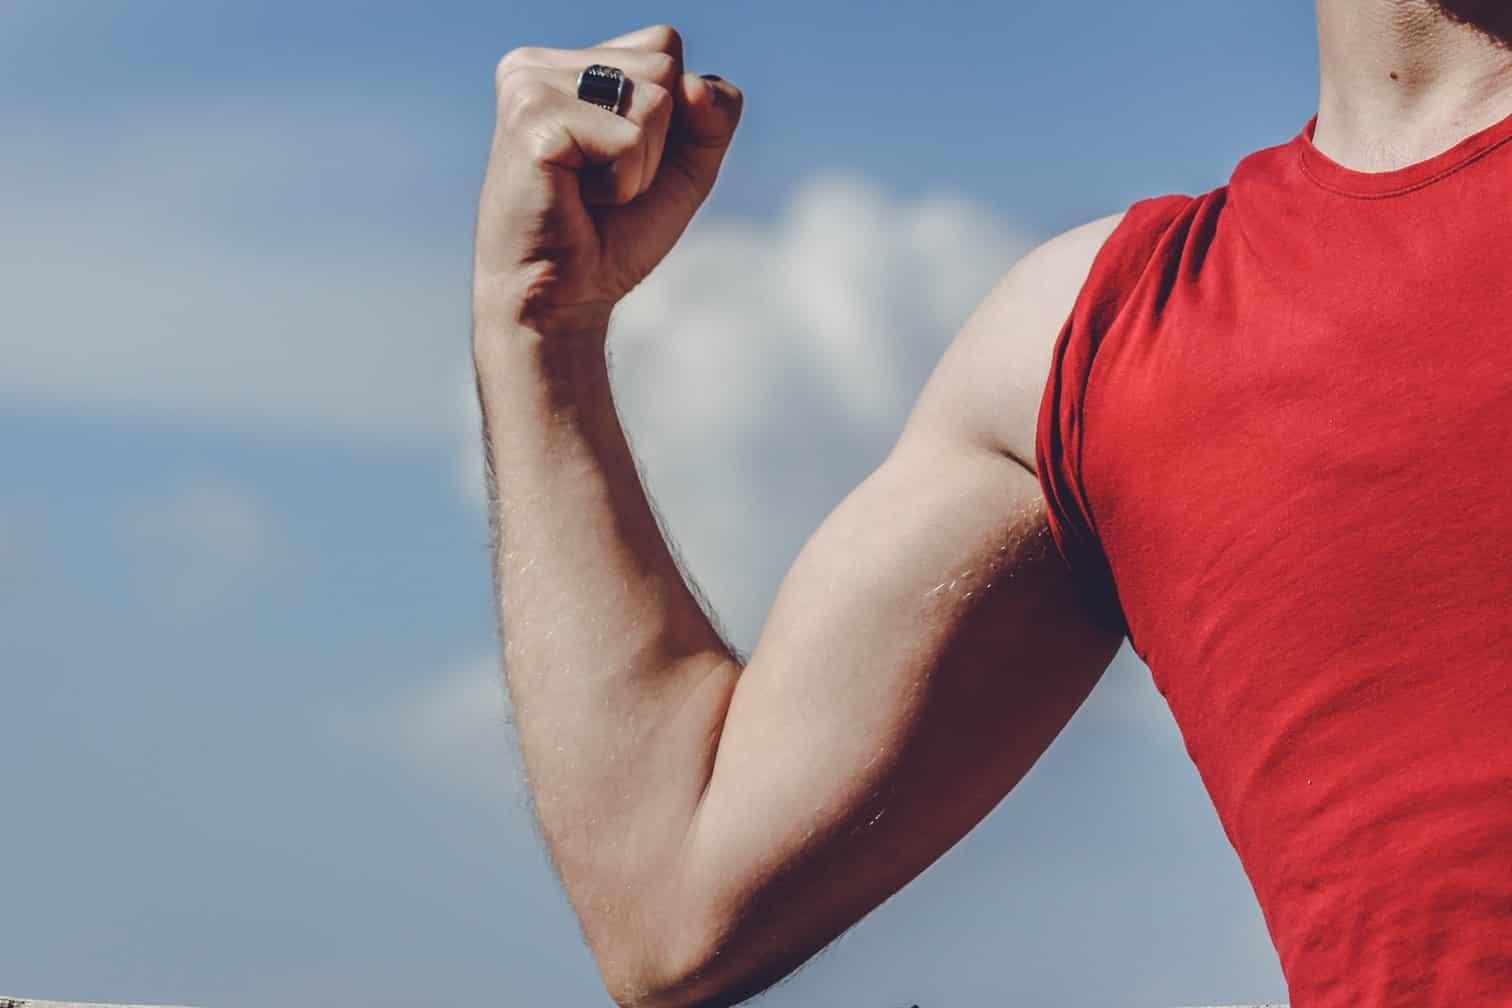 Czy budowanie masy mięśniowej ma sens bez spożywania białka zwierzęcego?